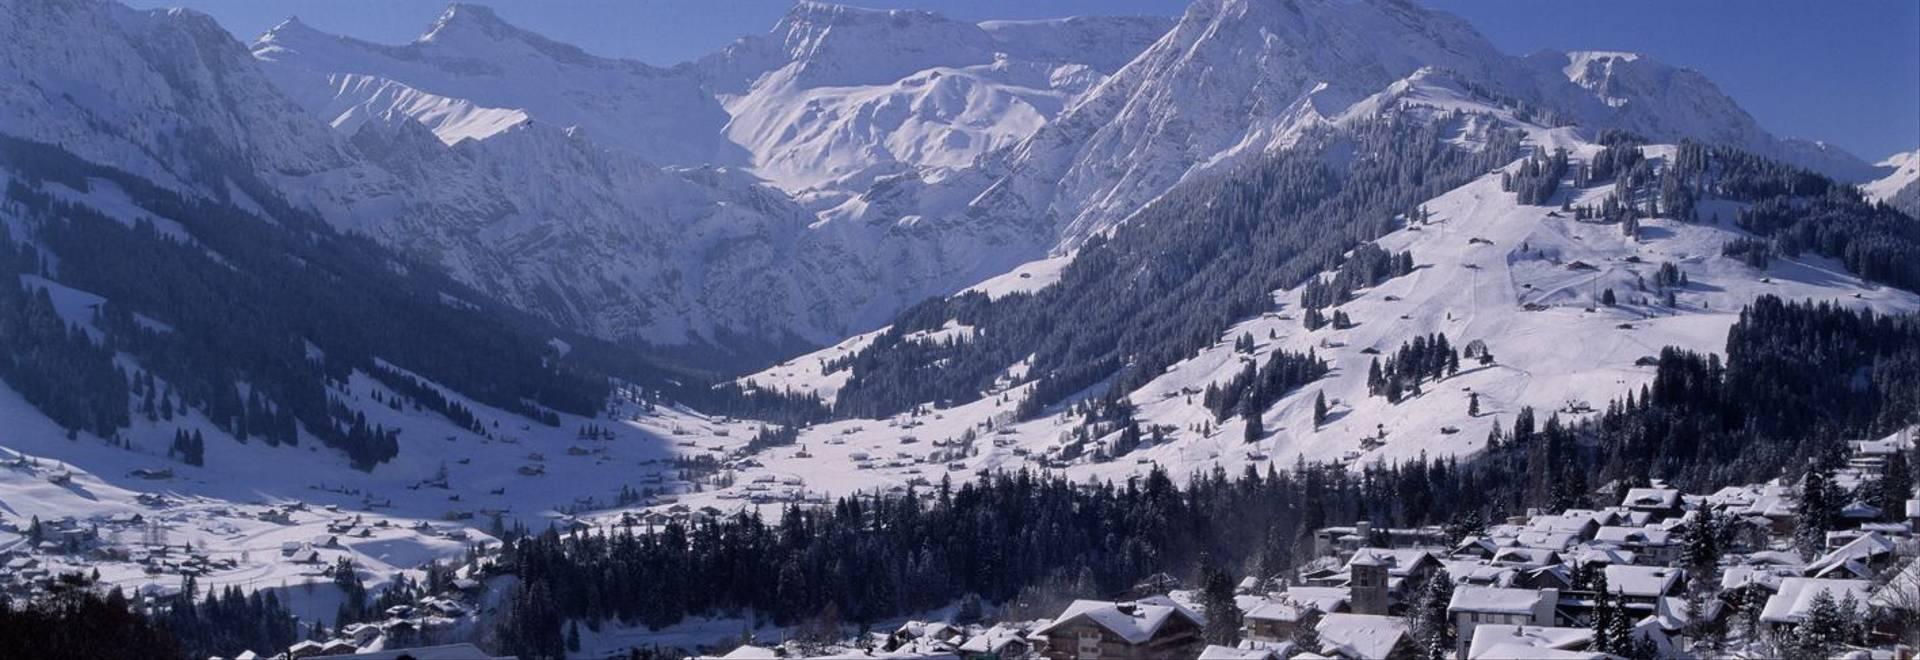 Adelboden  Birchermatte Winter